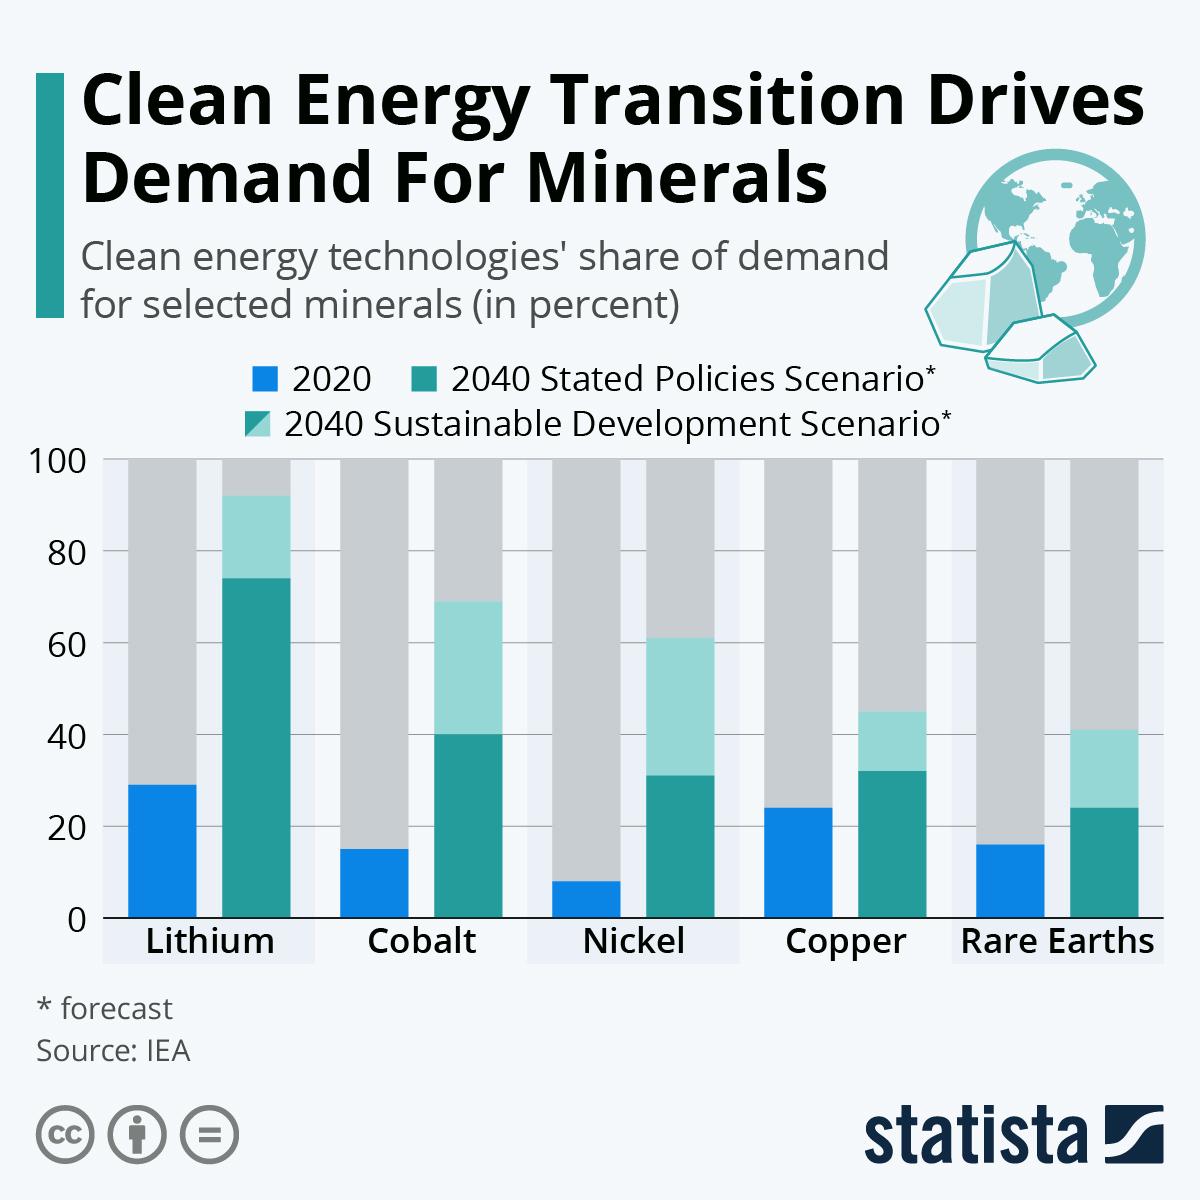 Переход к чистой энергии стимулирует спрос на полезные ископаемые